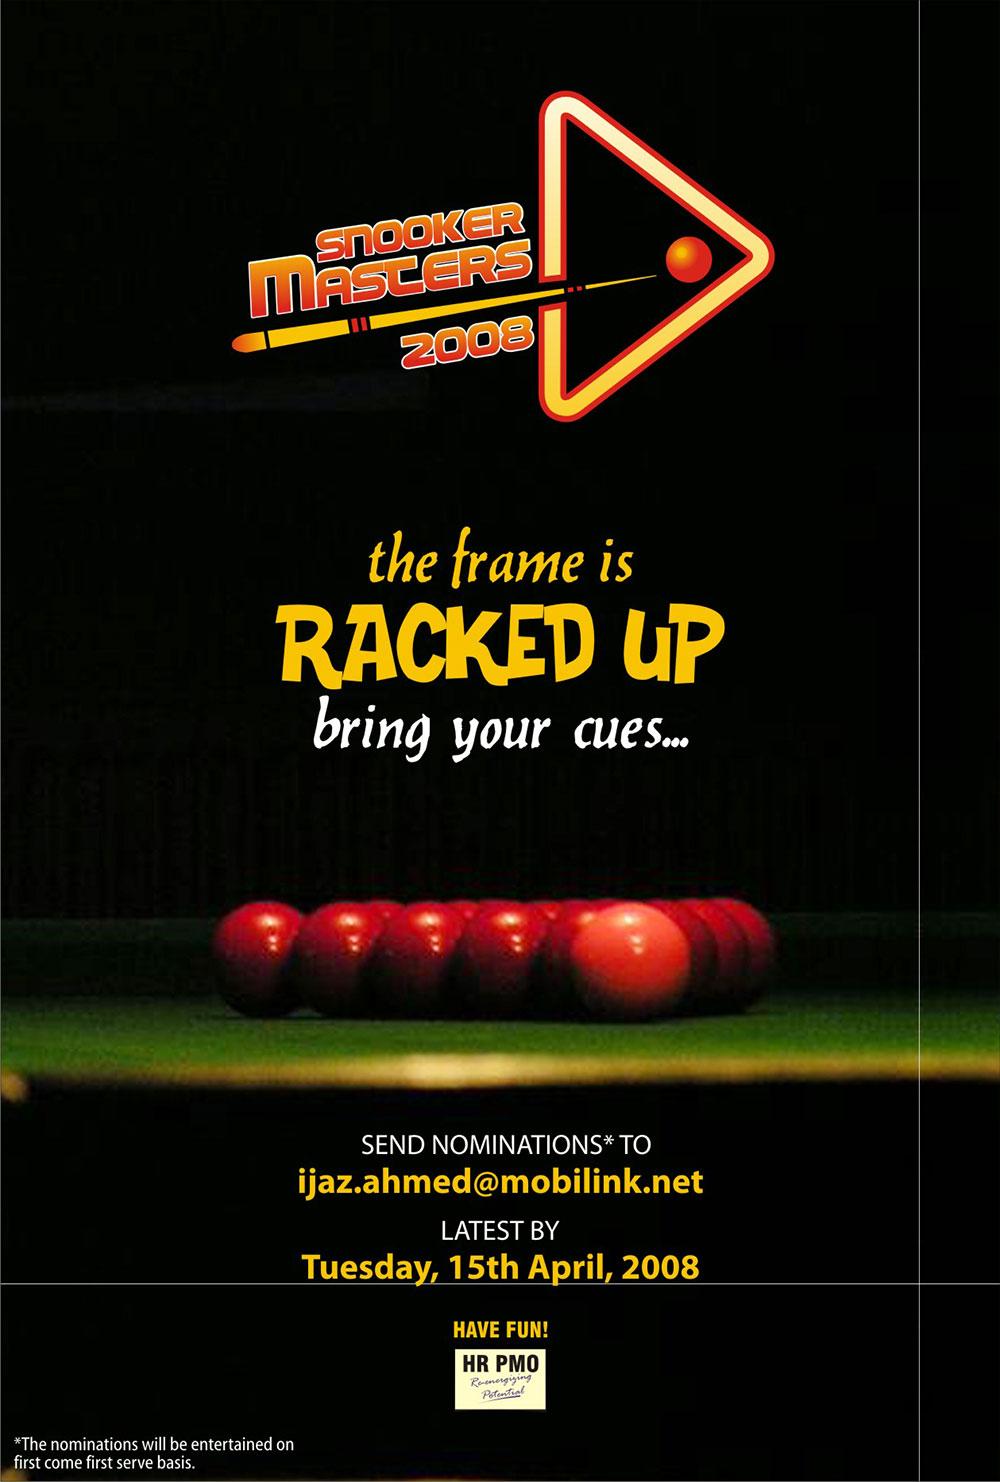 Snooker Master